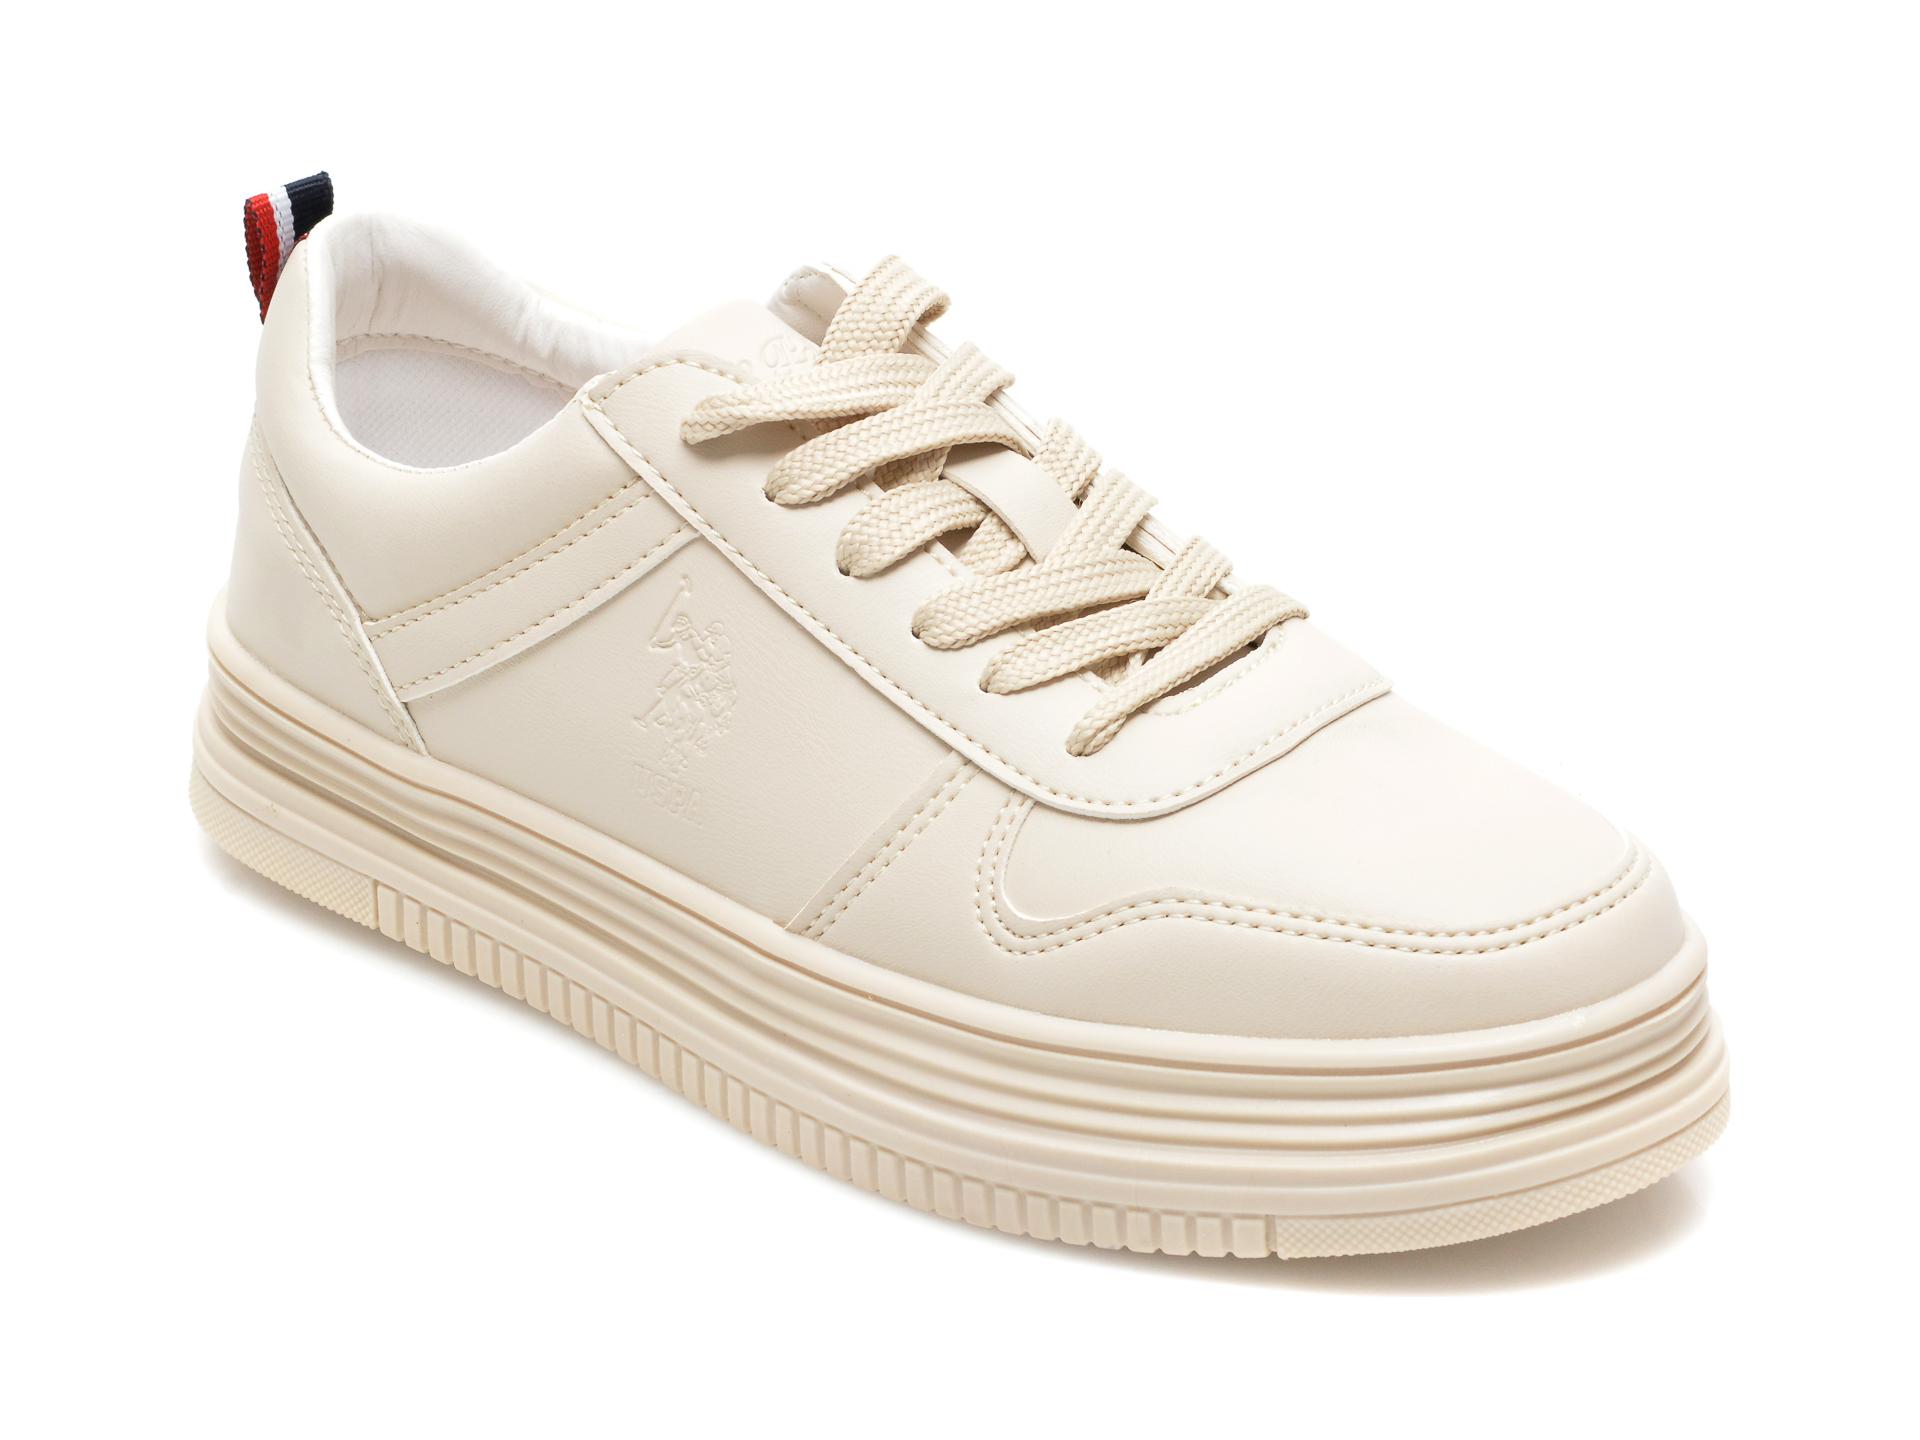 Pantofi sport US POLO ASSN bej, SURI, din piele ecologica